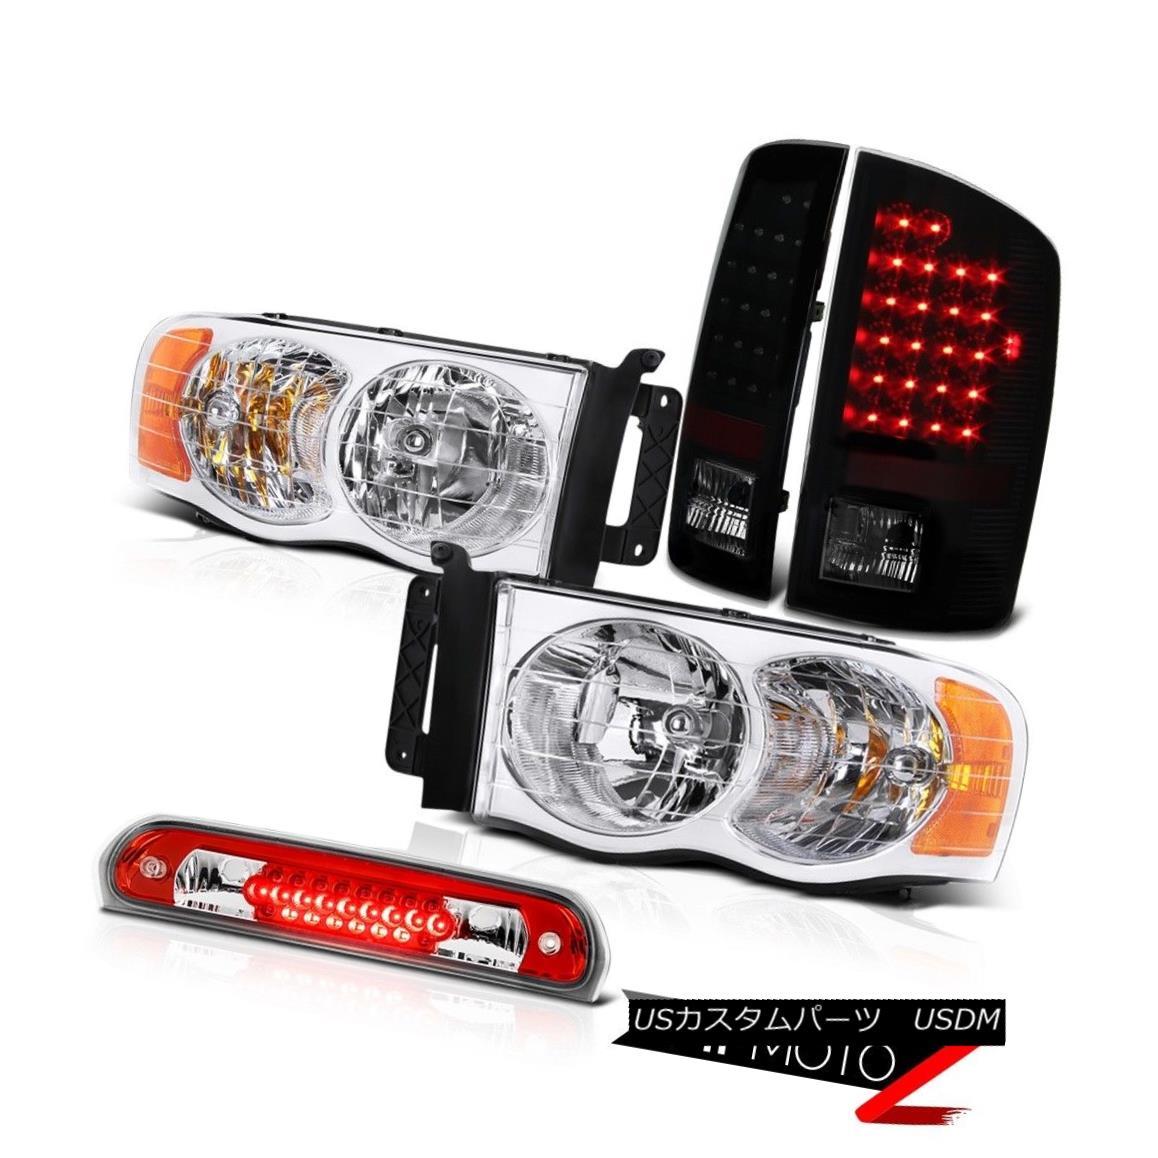 ヘッドライト Chrome Headlamps Smoke LED Tail Lights Lamps Roof Brake Red 02-05 Dodge Ram クロームヘッドランプ煙LEDテールライトランプ屋根ブレーキレッド02-05 Dodge Ram